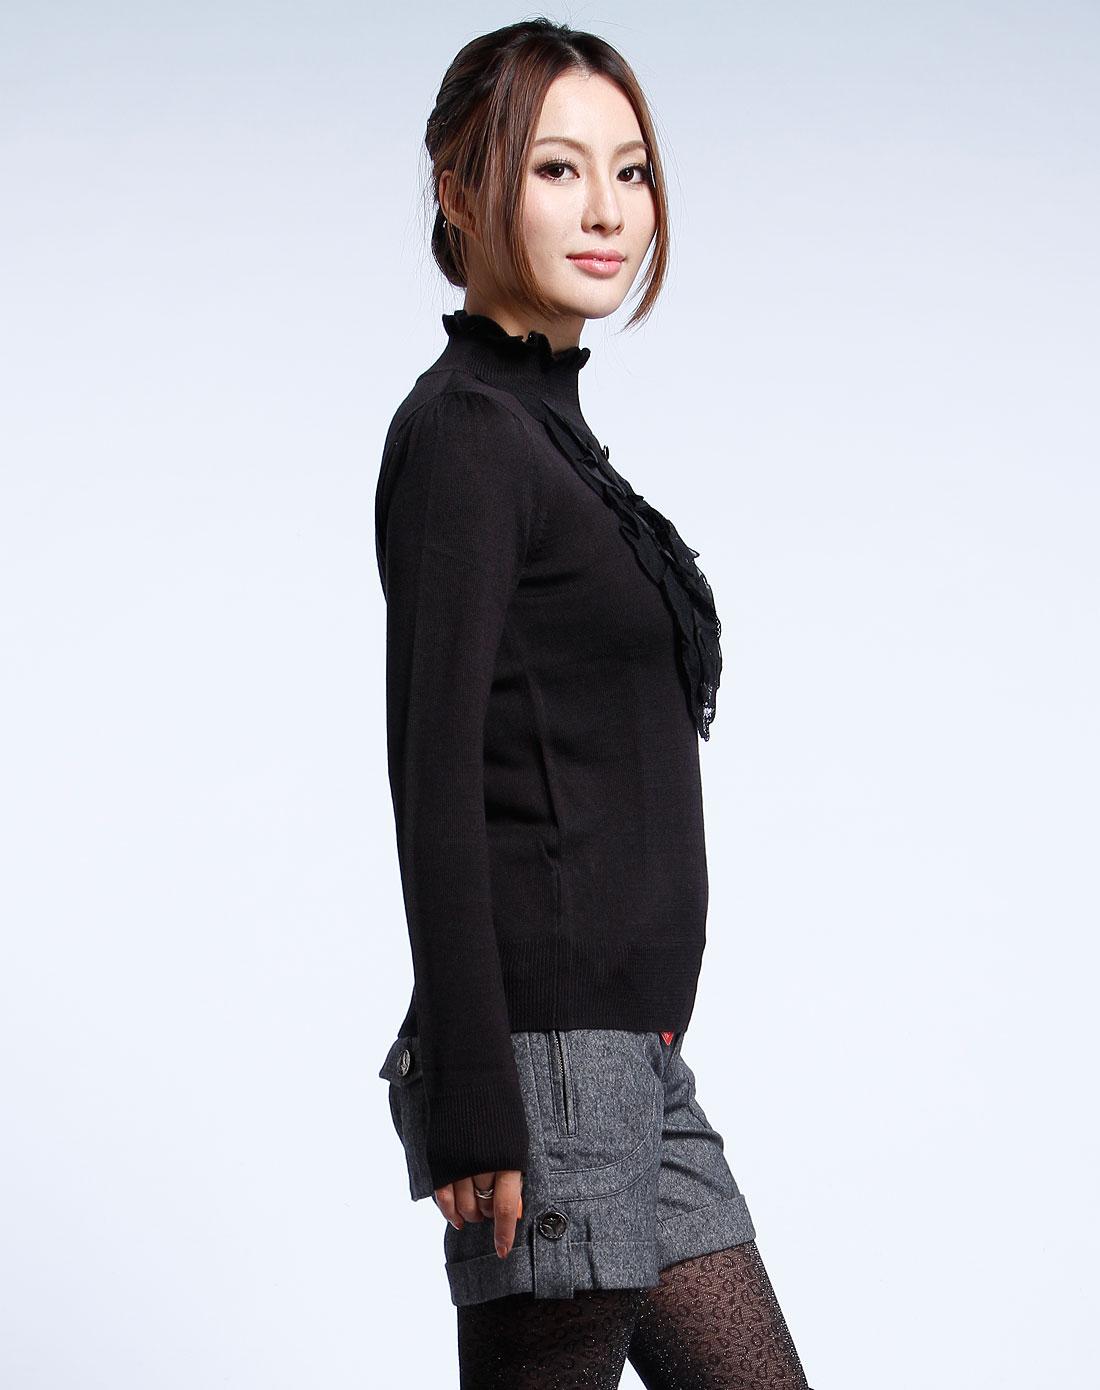 o.x. 黑色花边领长袖毛衣